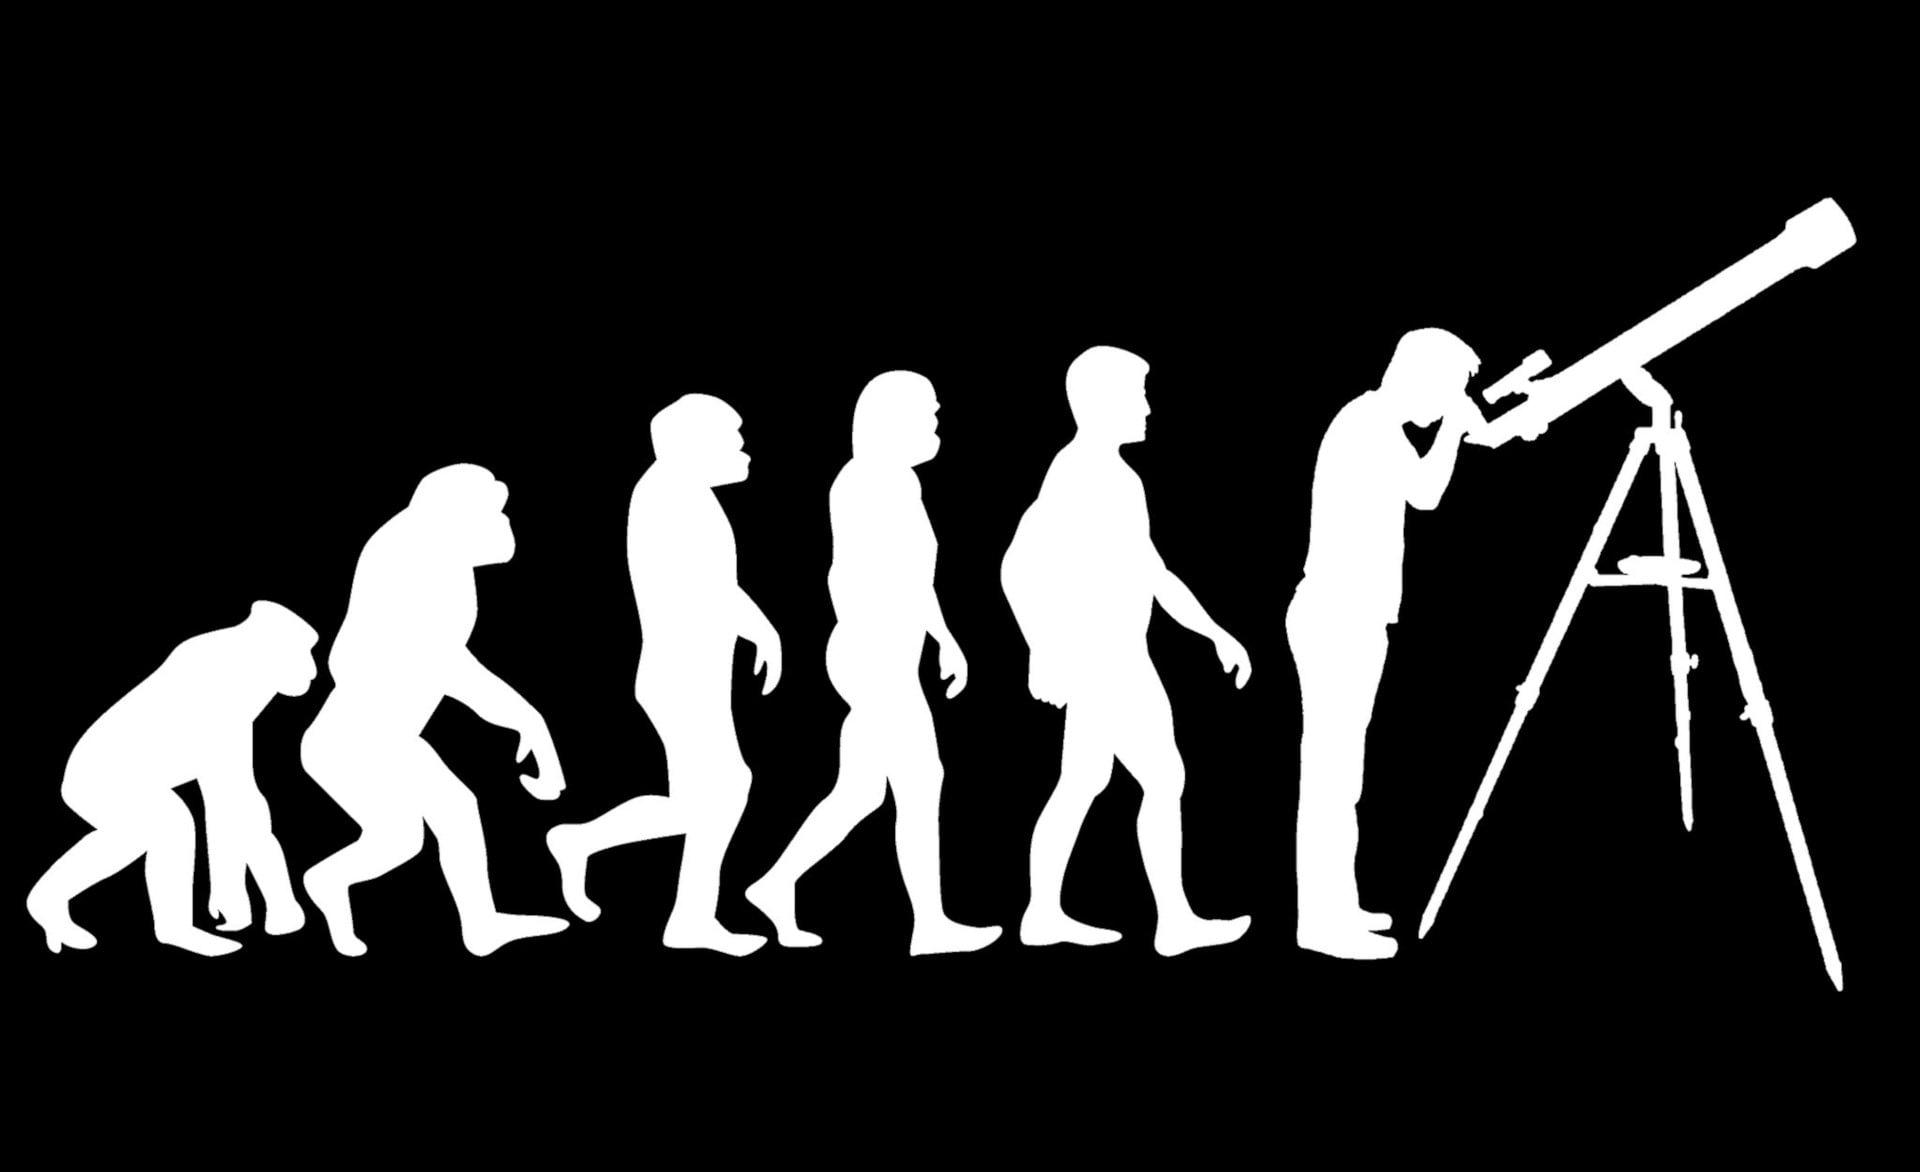 Tabletowo.pl MiniSI #4: Czy da się zaprogramować ewolucję? Ciekawostki Cykle Felietony Sztuczna Inteligencja